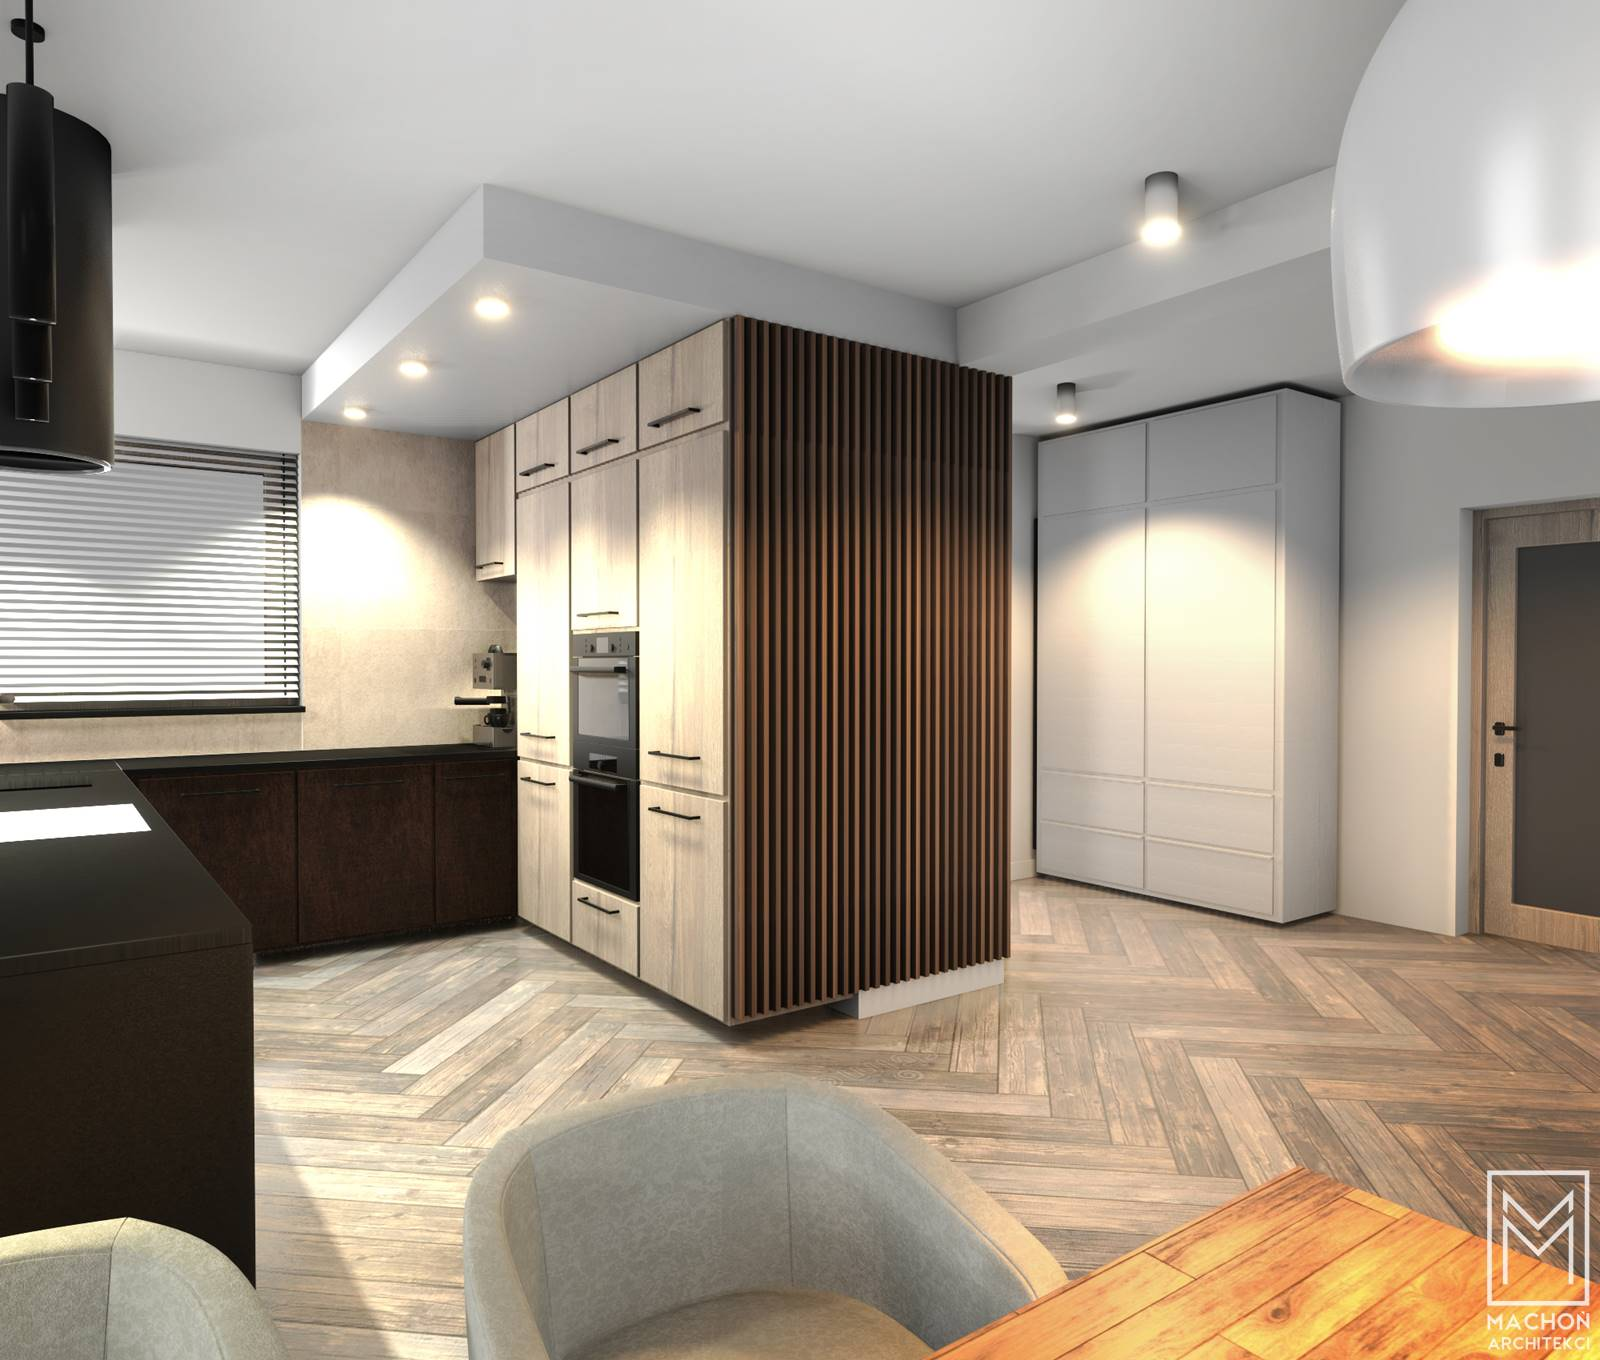 drewniane lamele na ścianie w kuchni